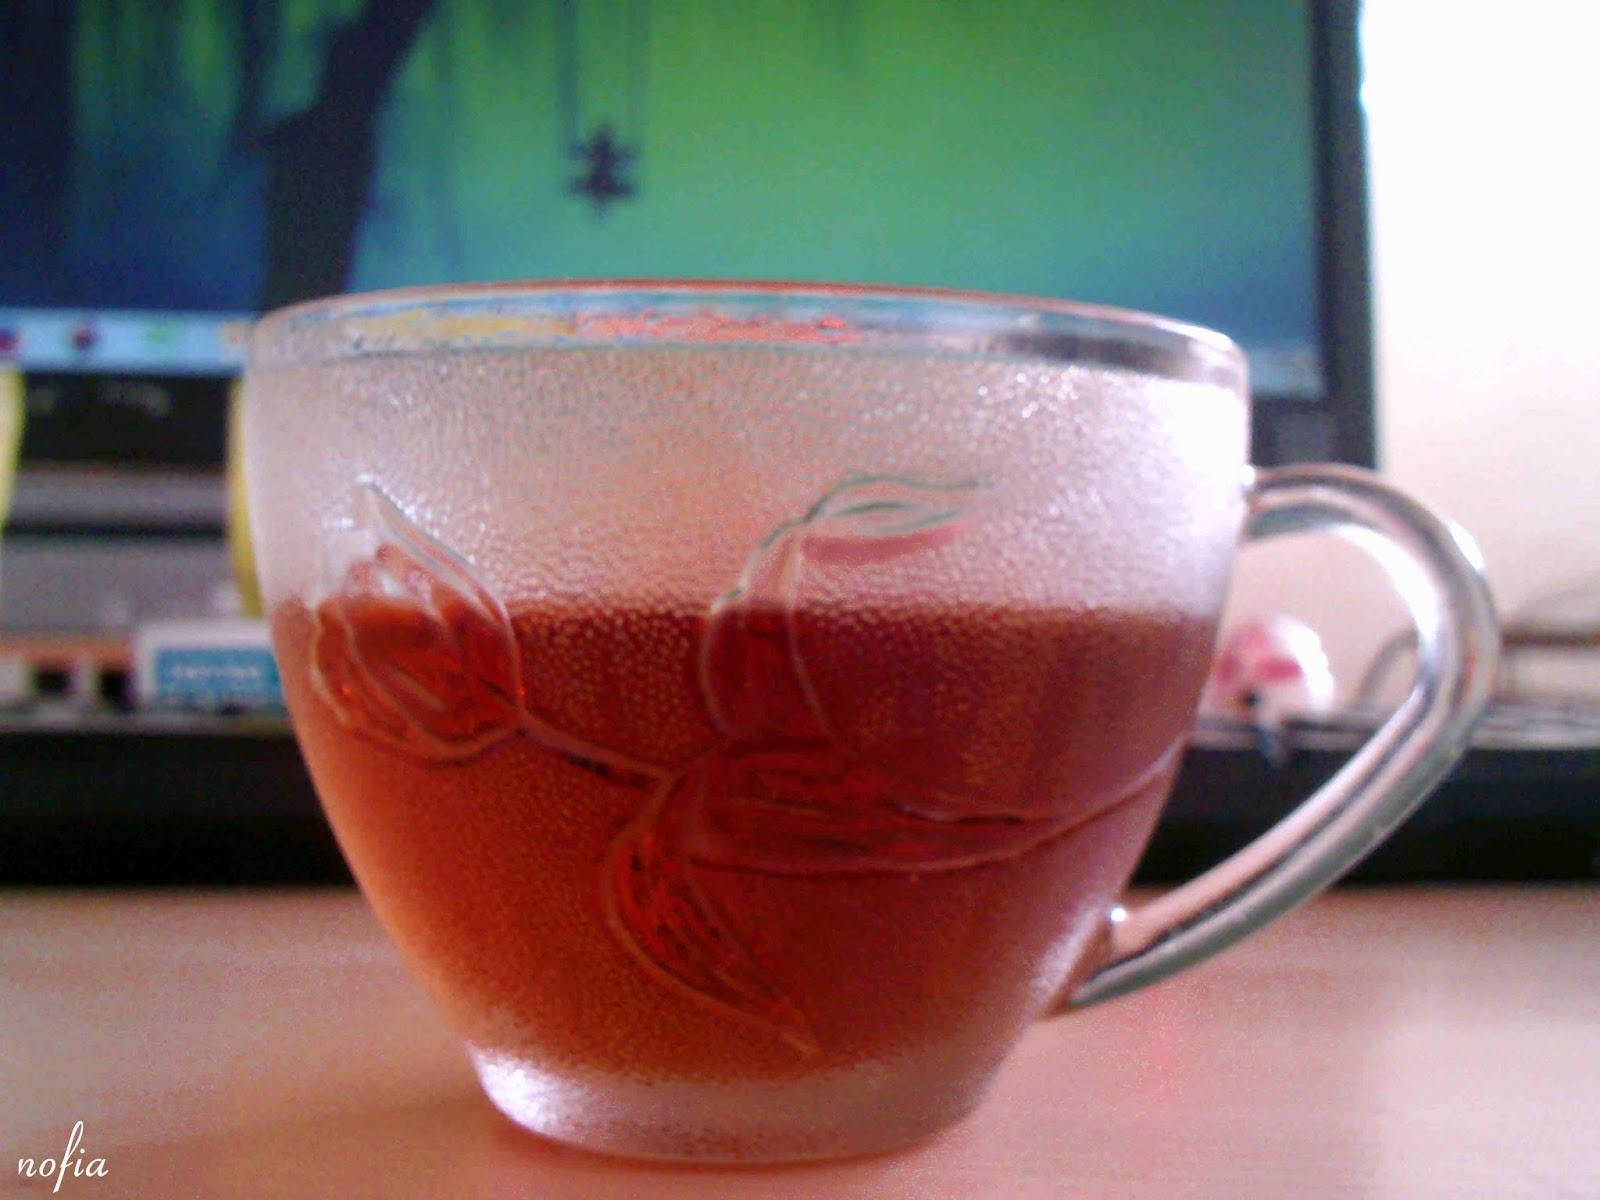 26 Manfaat Minum Air Hangat Di Pagi Hari Saat Perut Kosong (Jantung, Diet, Kecantikan dll)